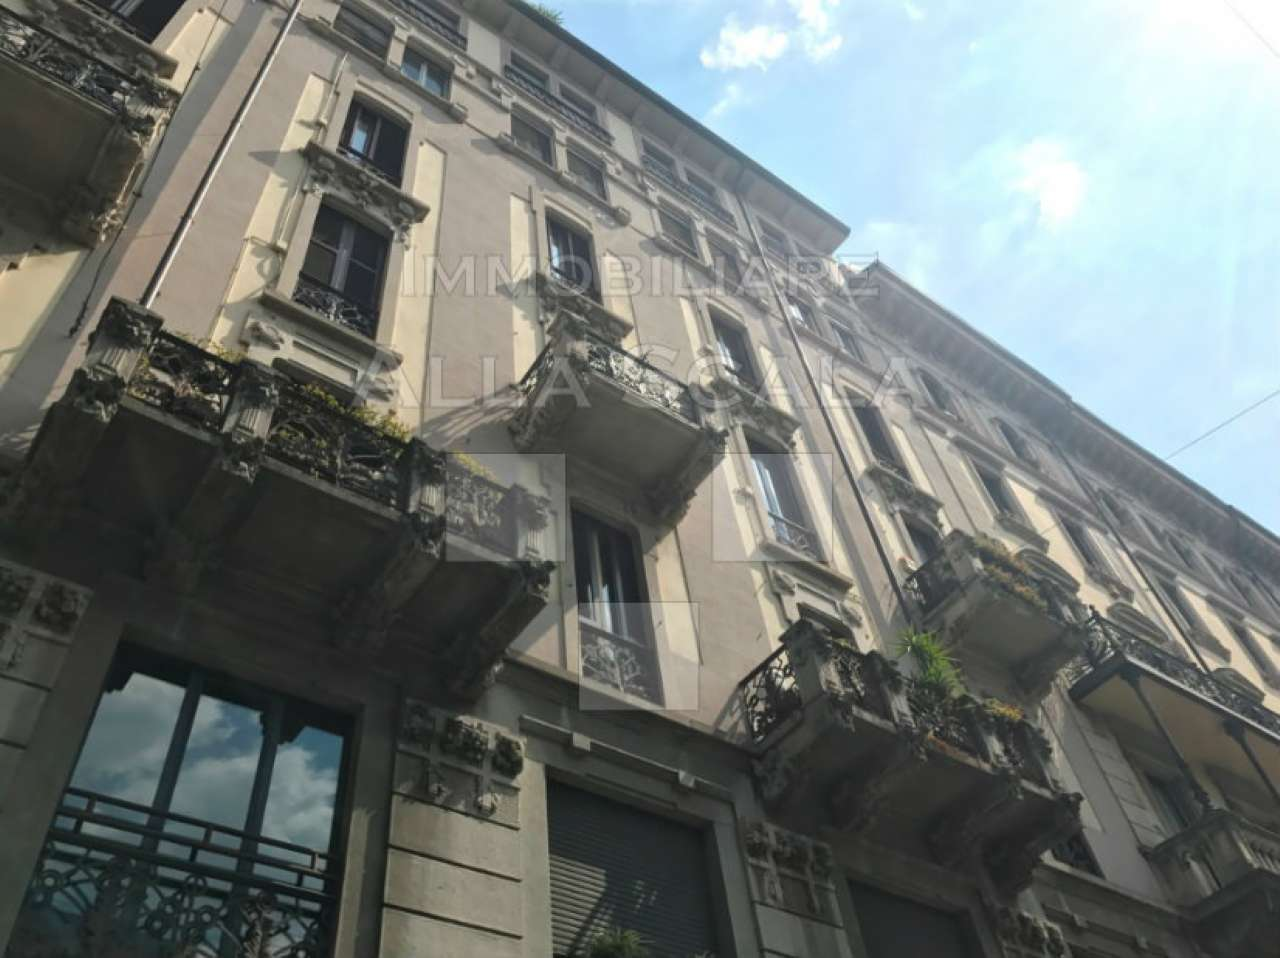 Appartamento in vendita a Milano, 4 locali, zona Zona: 4 . Buenos Aires, Indipendenza, P.ta Venezia, Regina Giovanna, Dateo, prezzo € 545.000 | CambioCasa.it